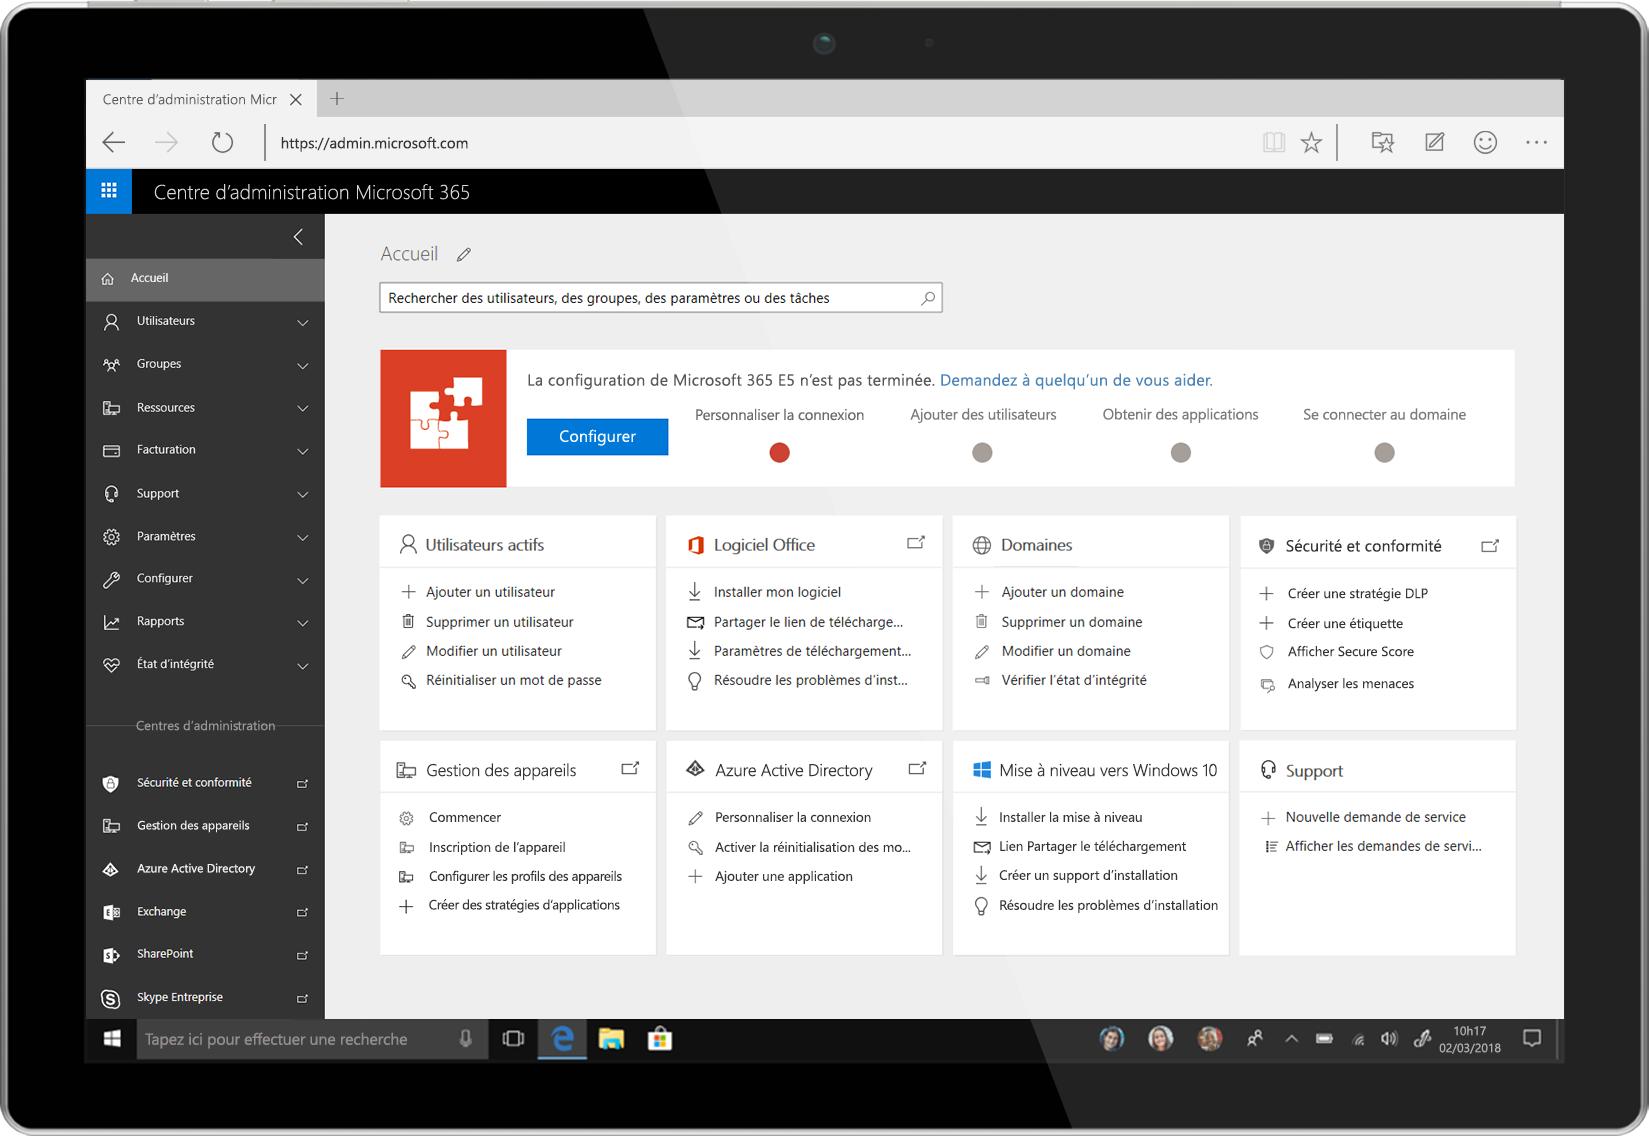 Image d'une tablette affichant le Centre d'administration Microsoft 365